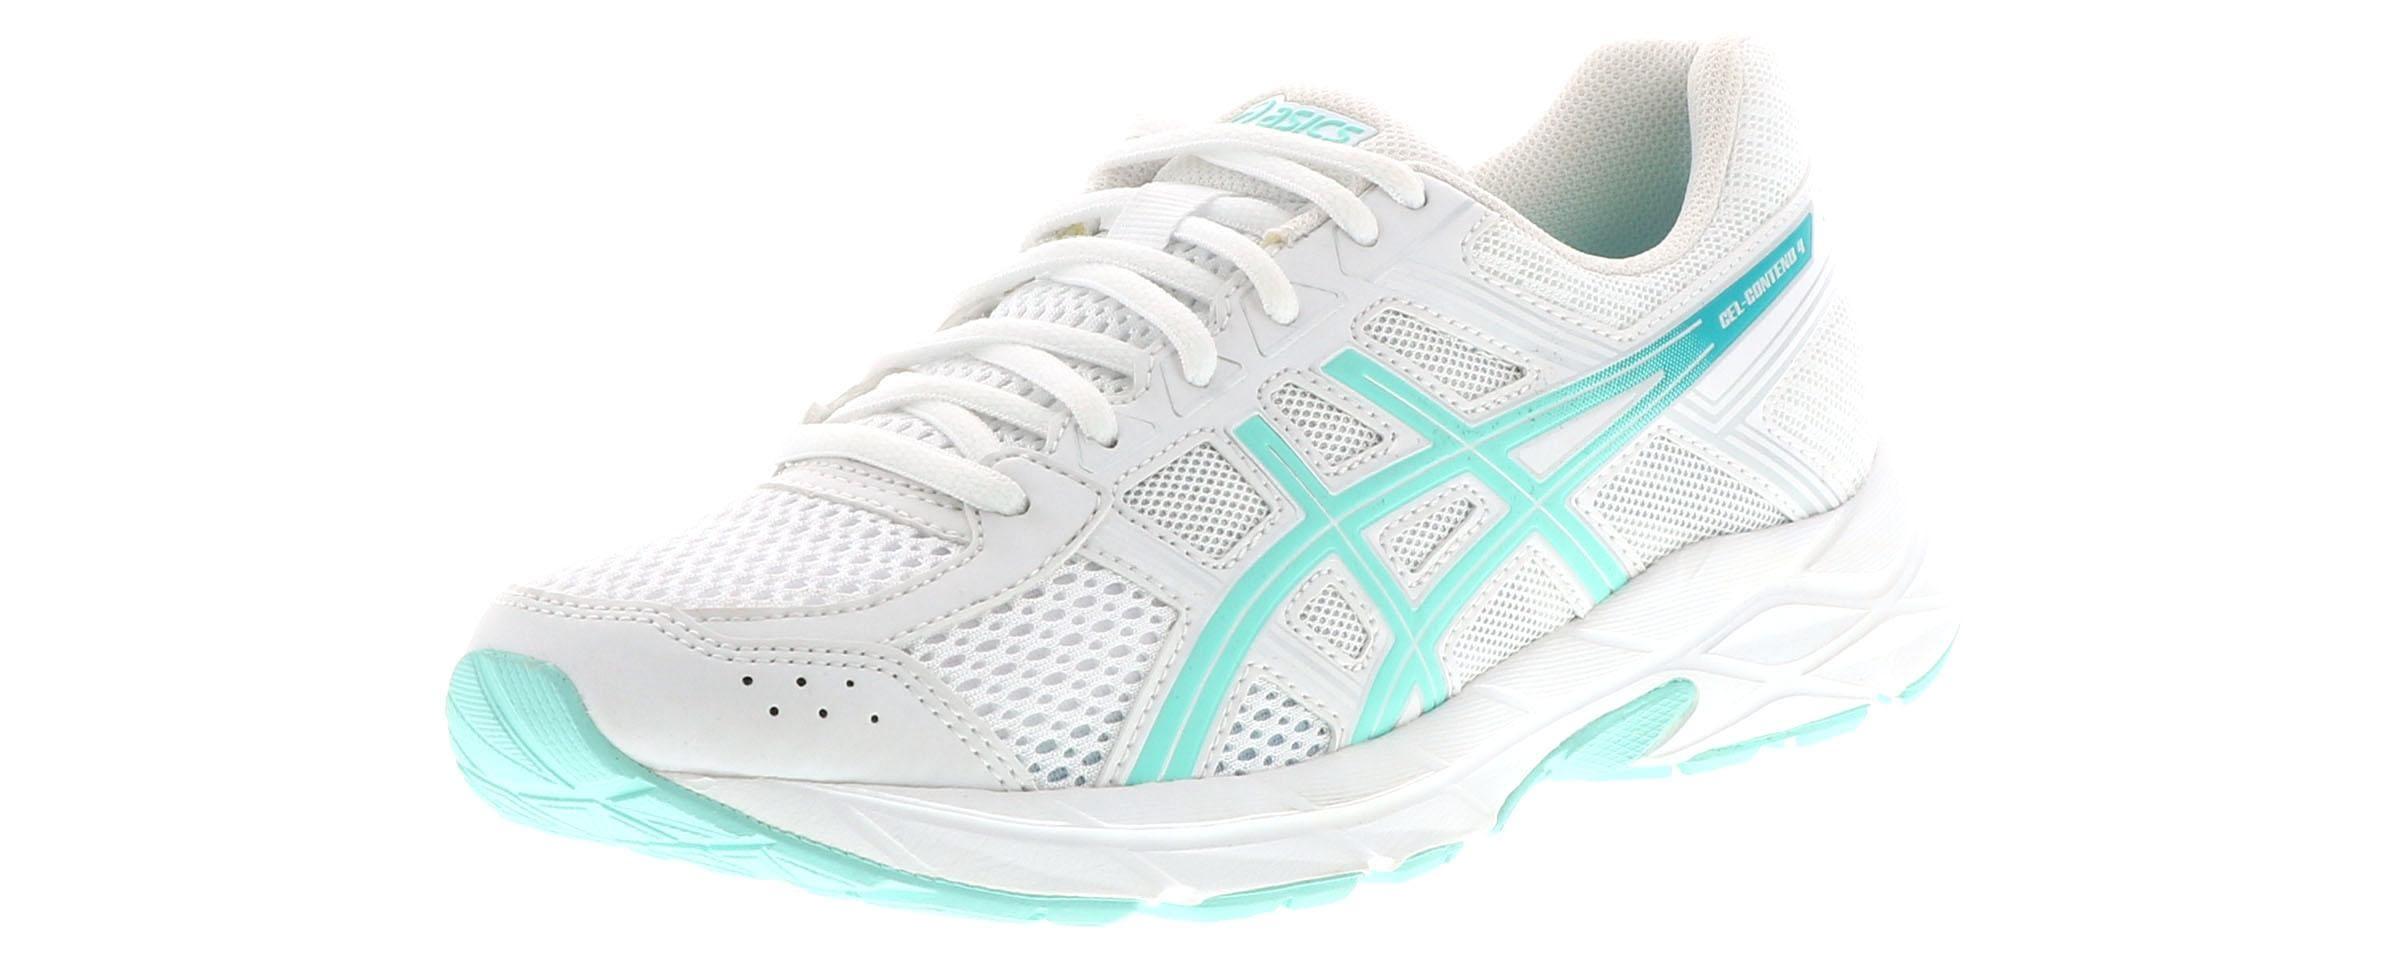 Women's Asics Gel Contend 4 White Shoe Sensation  Shoe Sensation